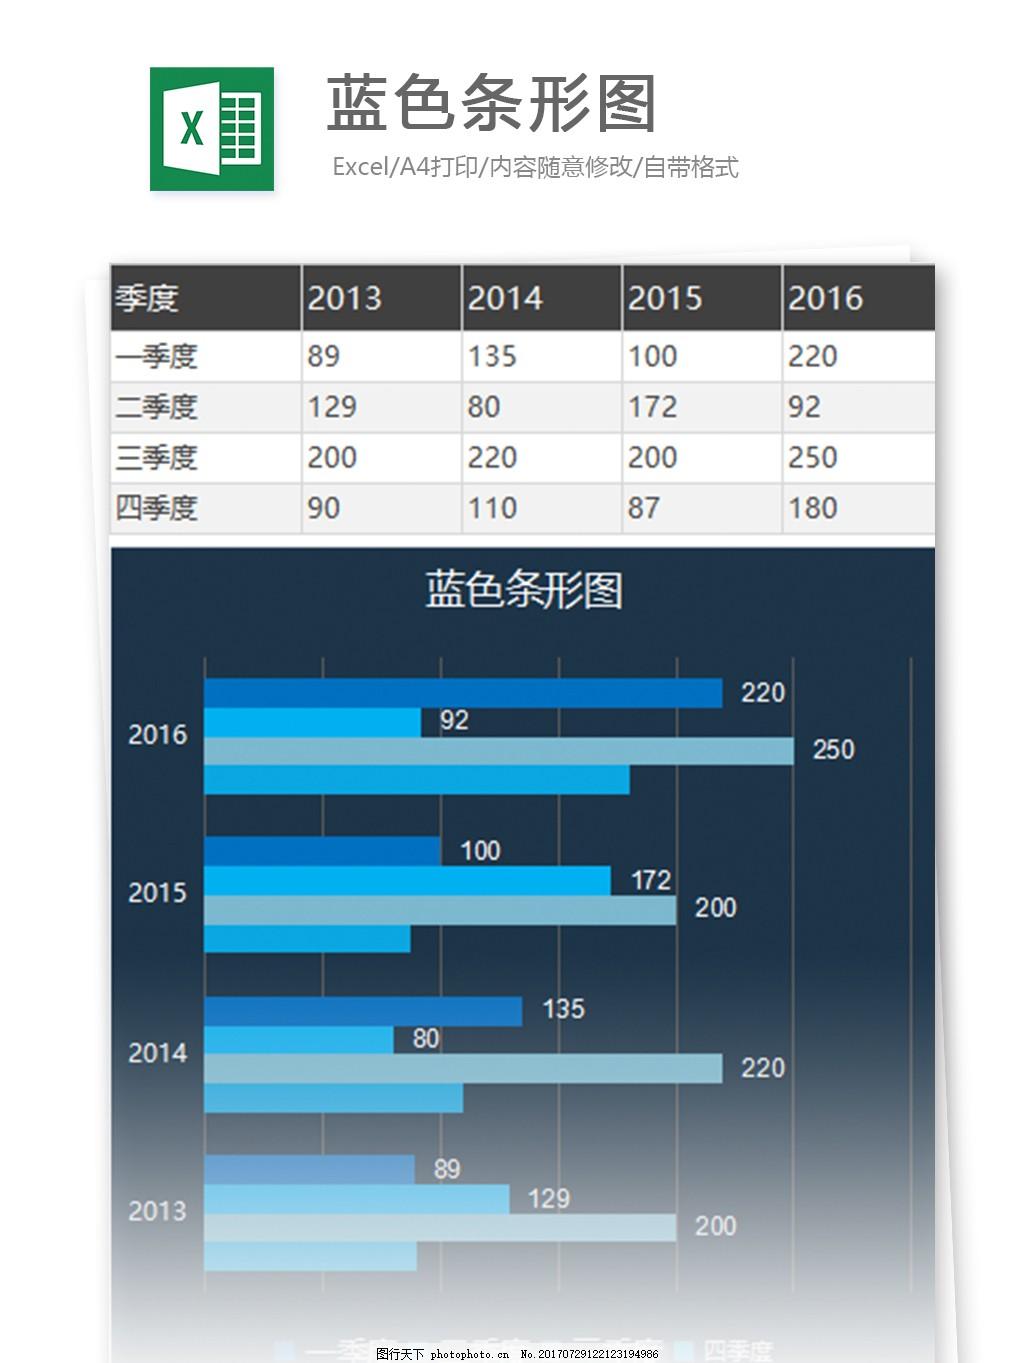 蓝色条形图excel表格模板